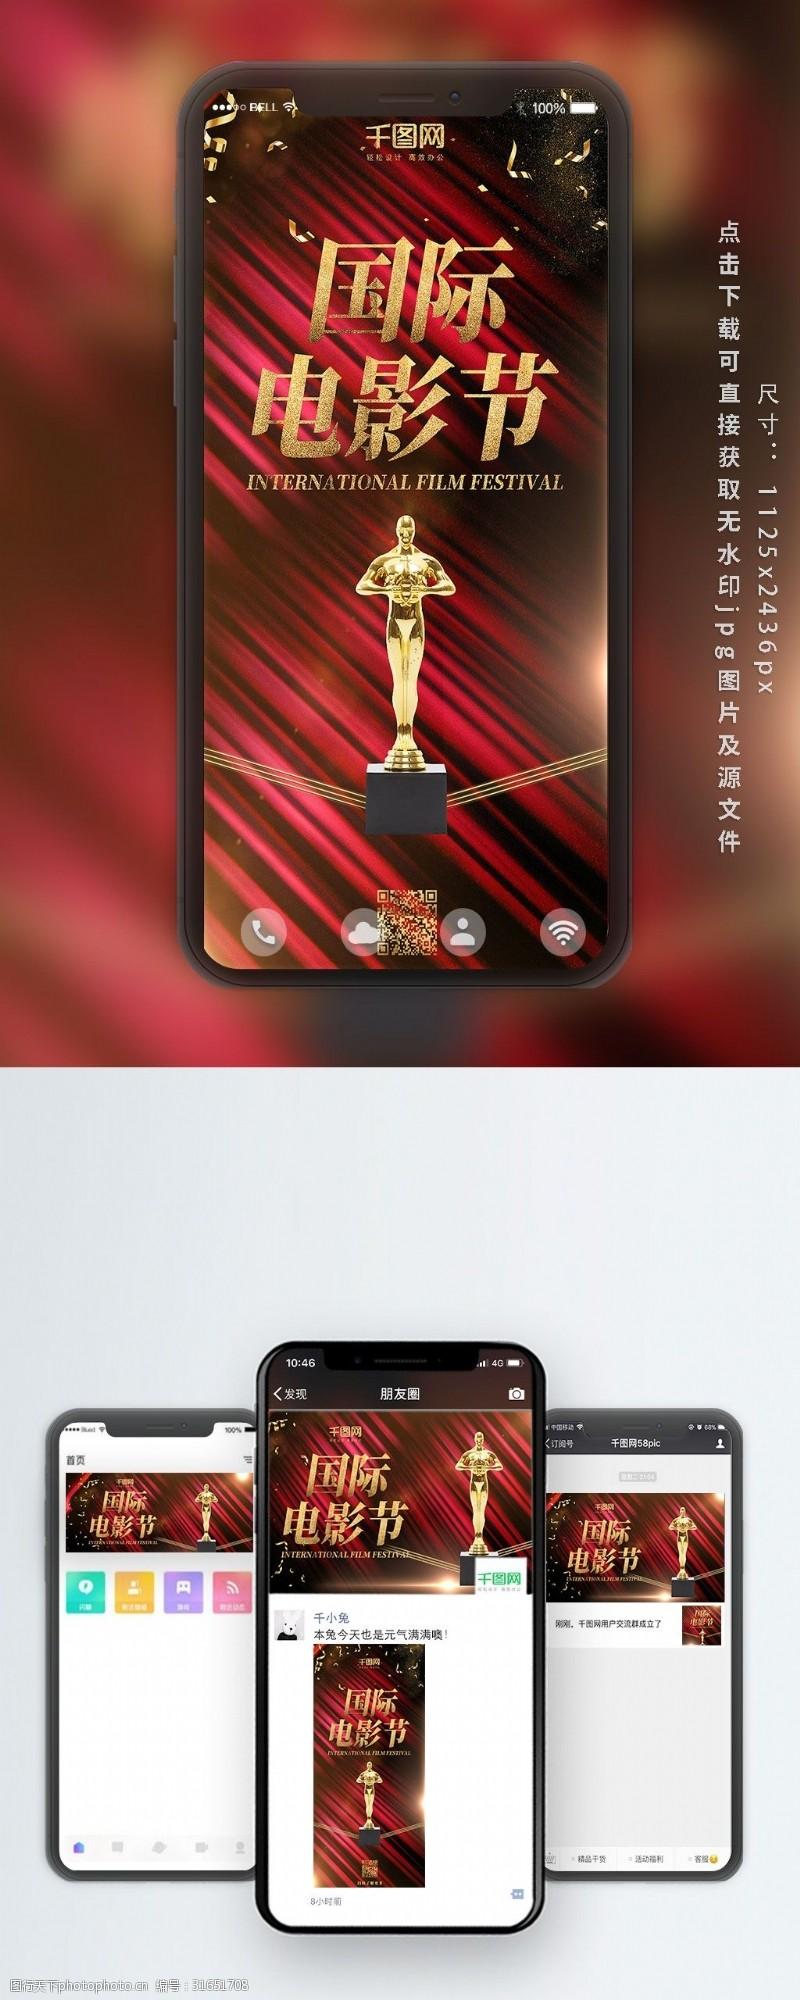 国际电影节小金人红色喜庆盛典简约手机海报